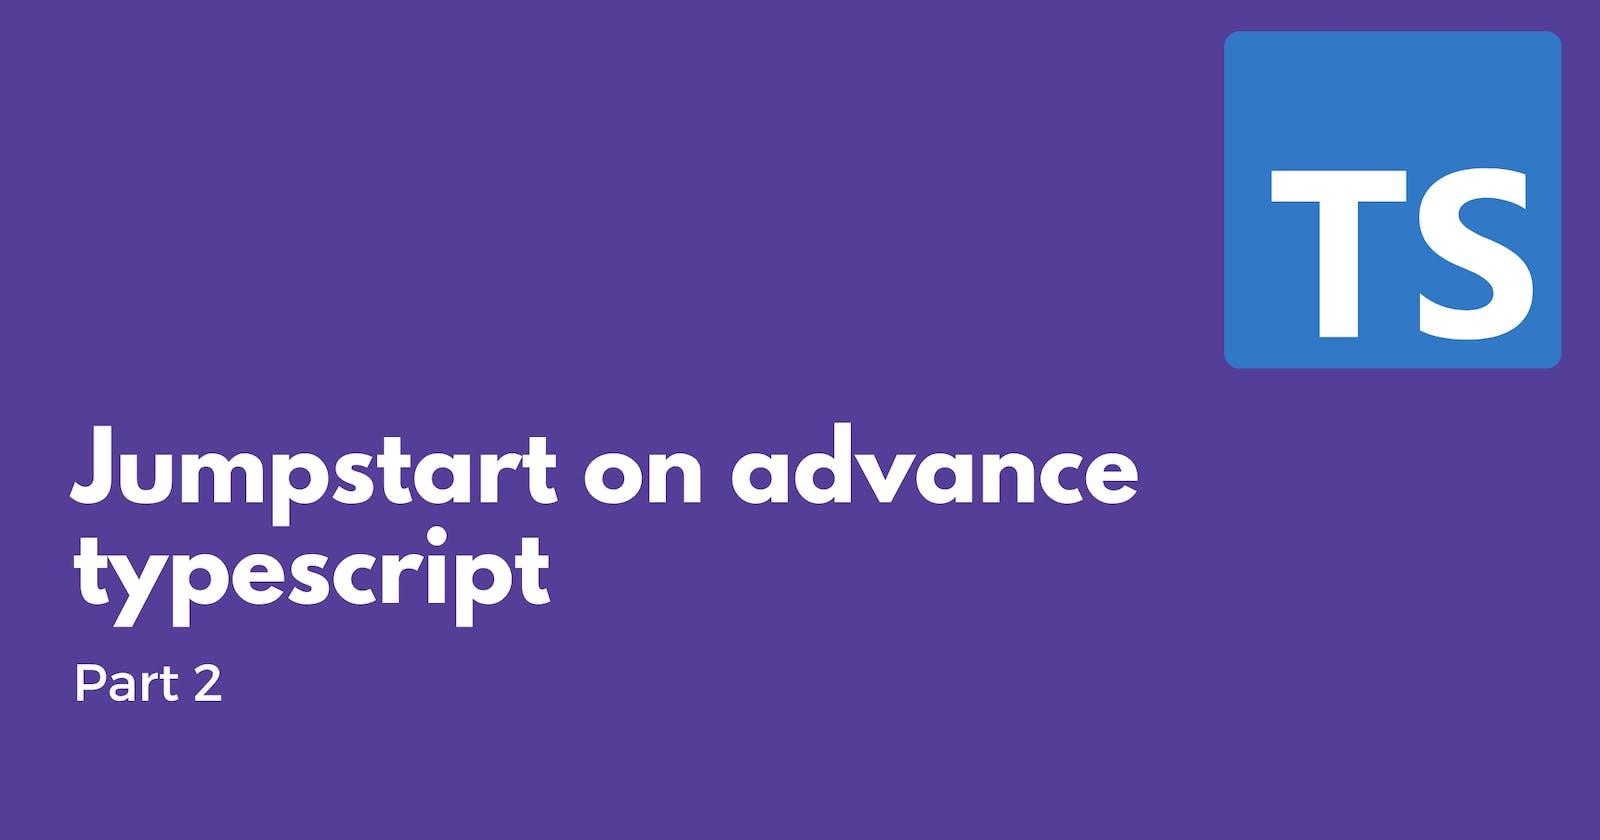 Jumpstart on advance typescript Part 2